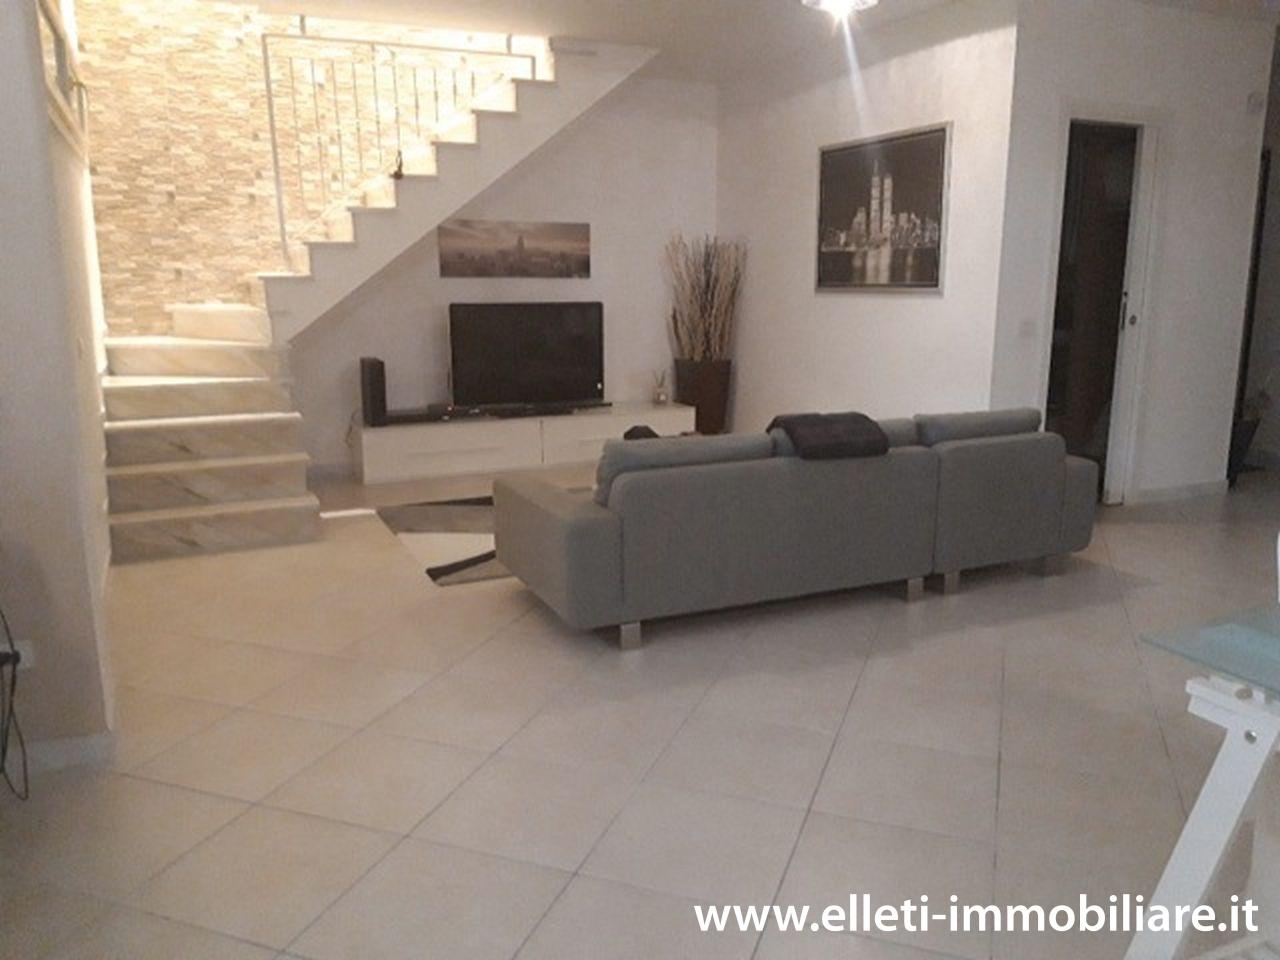 Appartamento in vendita a Montignoso, 6 locali, prezzo € 330.000 | PortaleAgenzieImmobiliari.it